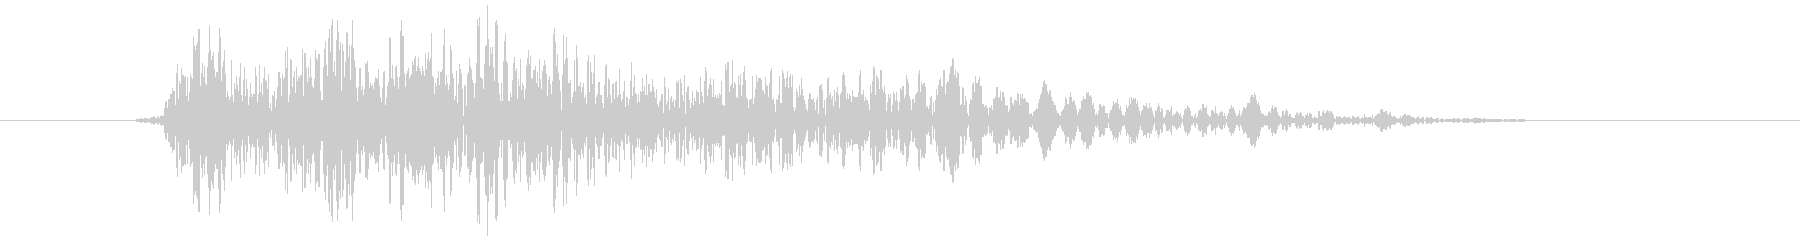 シューティングのショット音 5段階の3の未再生の波形